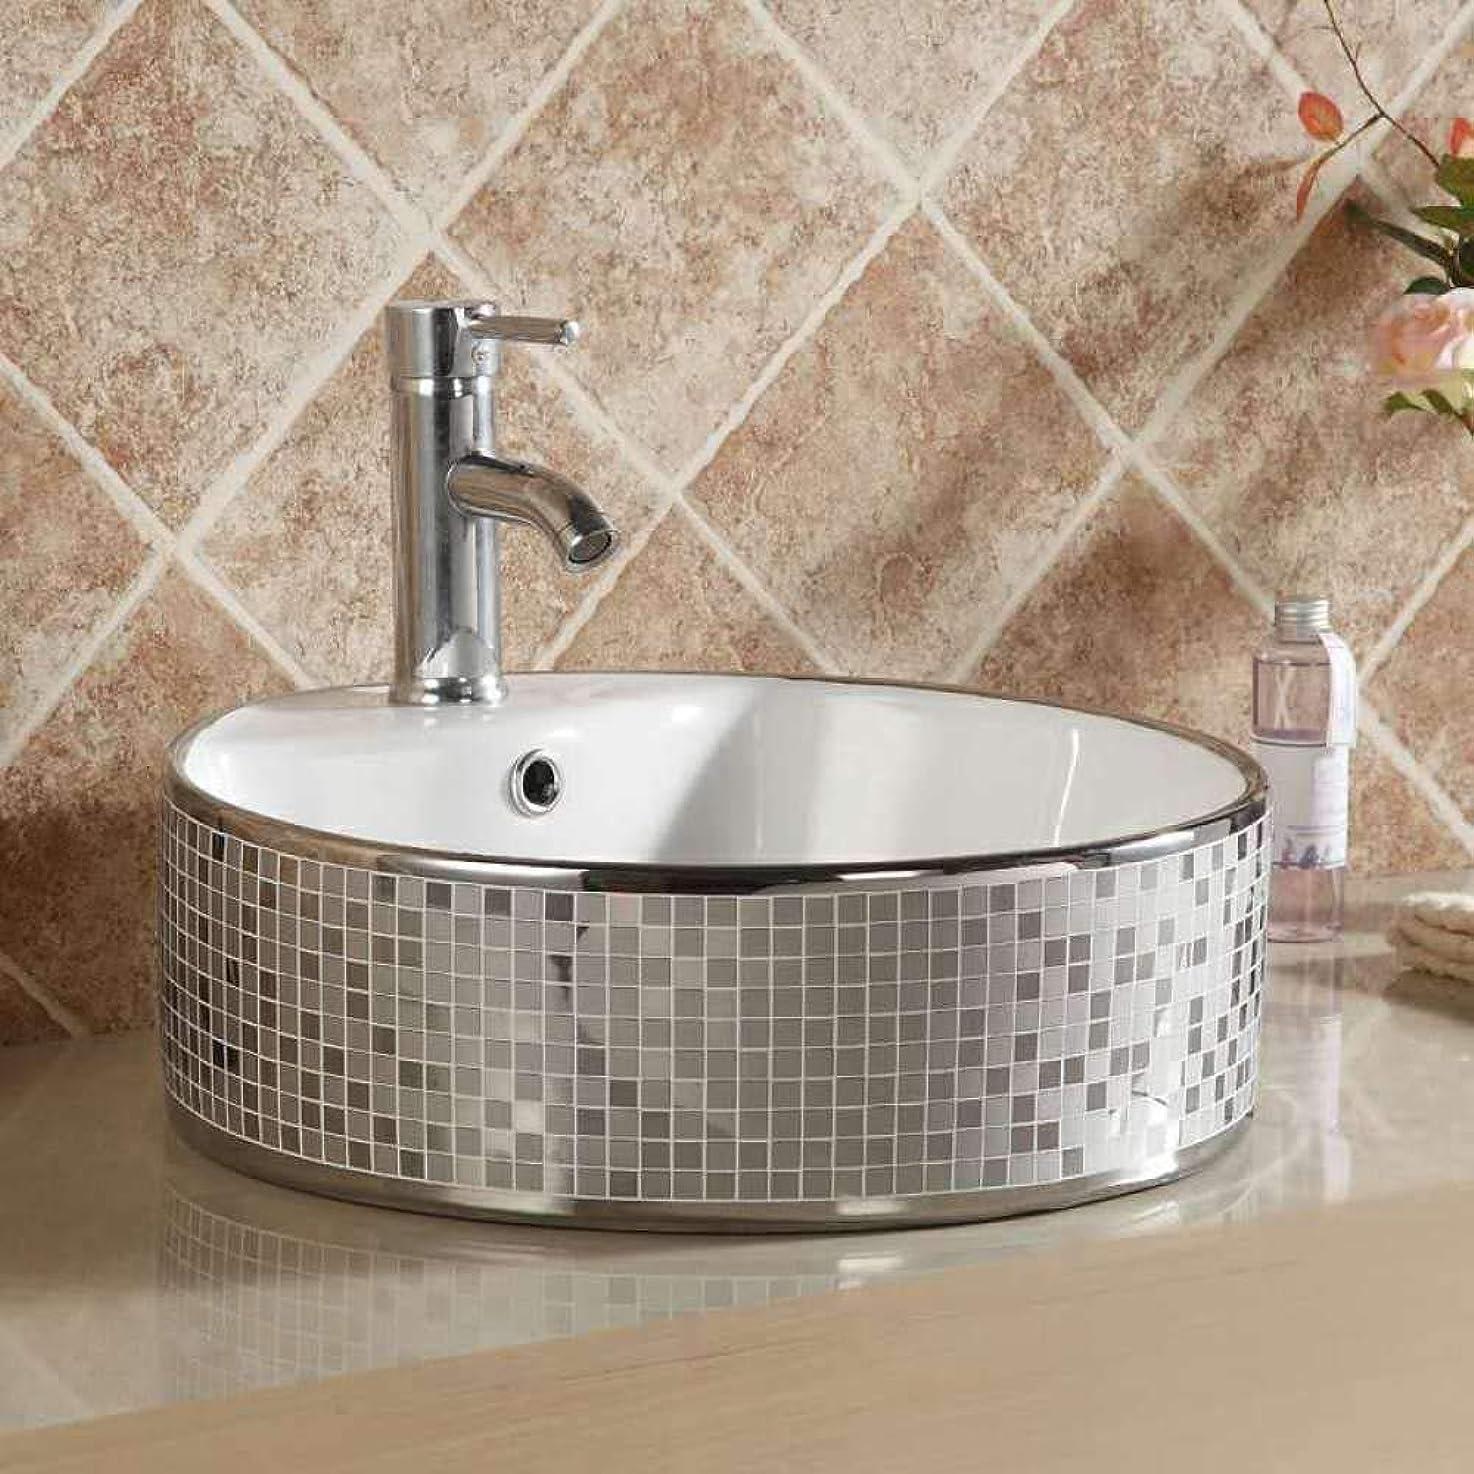 熟達現れる折ZKS-KS ロイヤル磁器ヨーロッパの家庭用洗面台セラミックシルバーとゴールドの芸術セラミック洗面バスルームのシンク